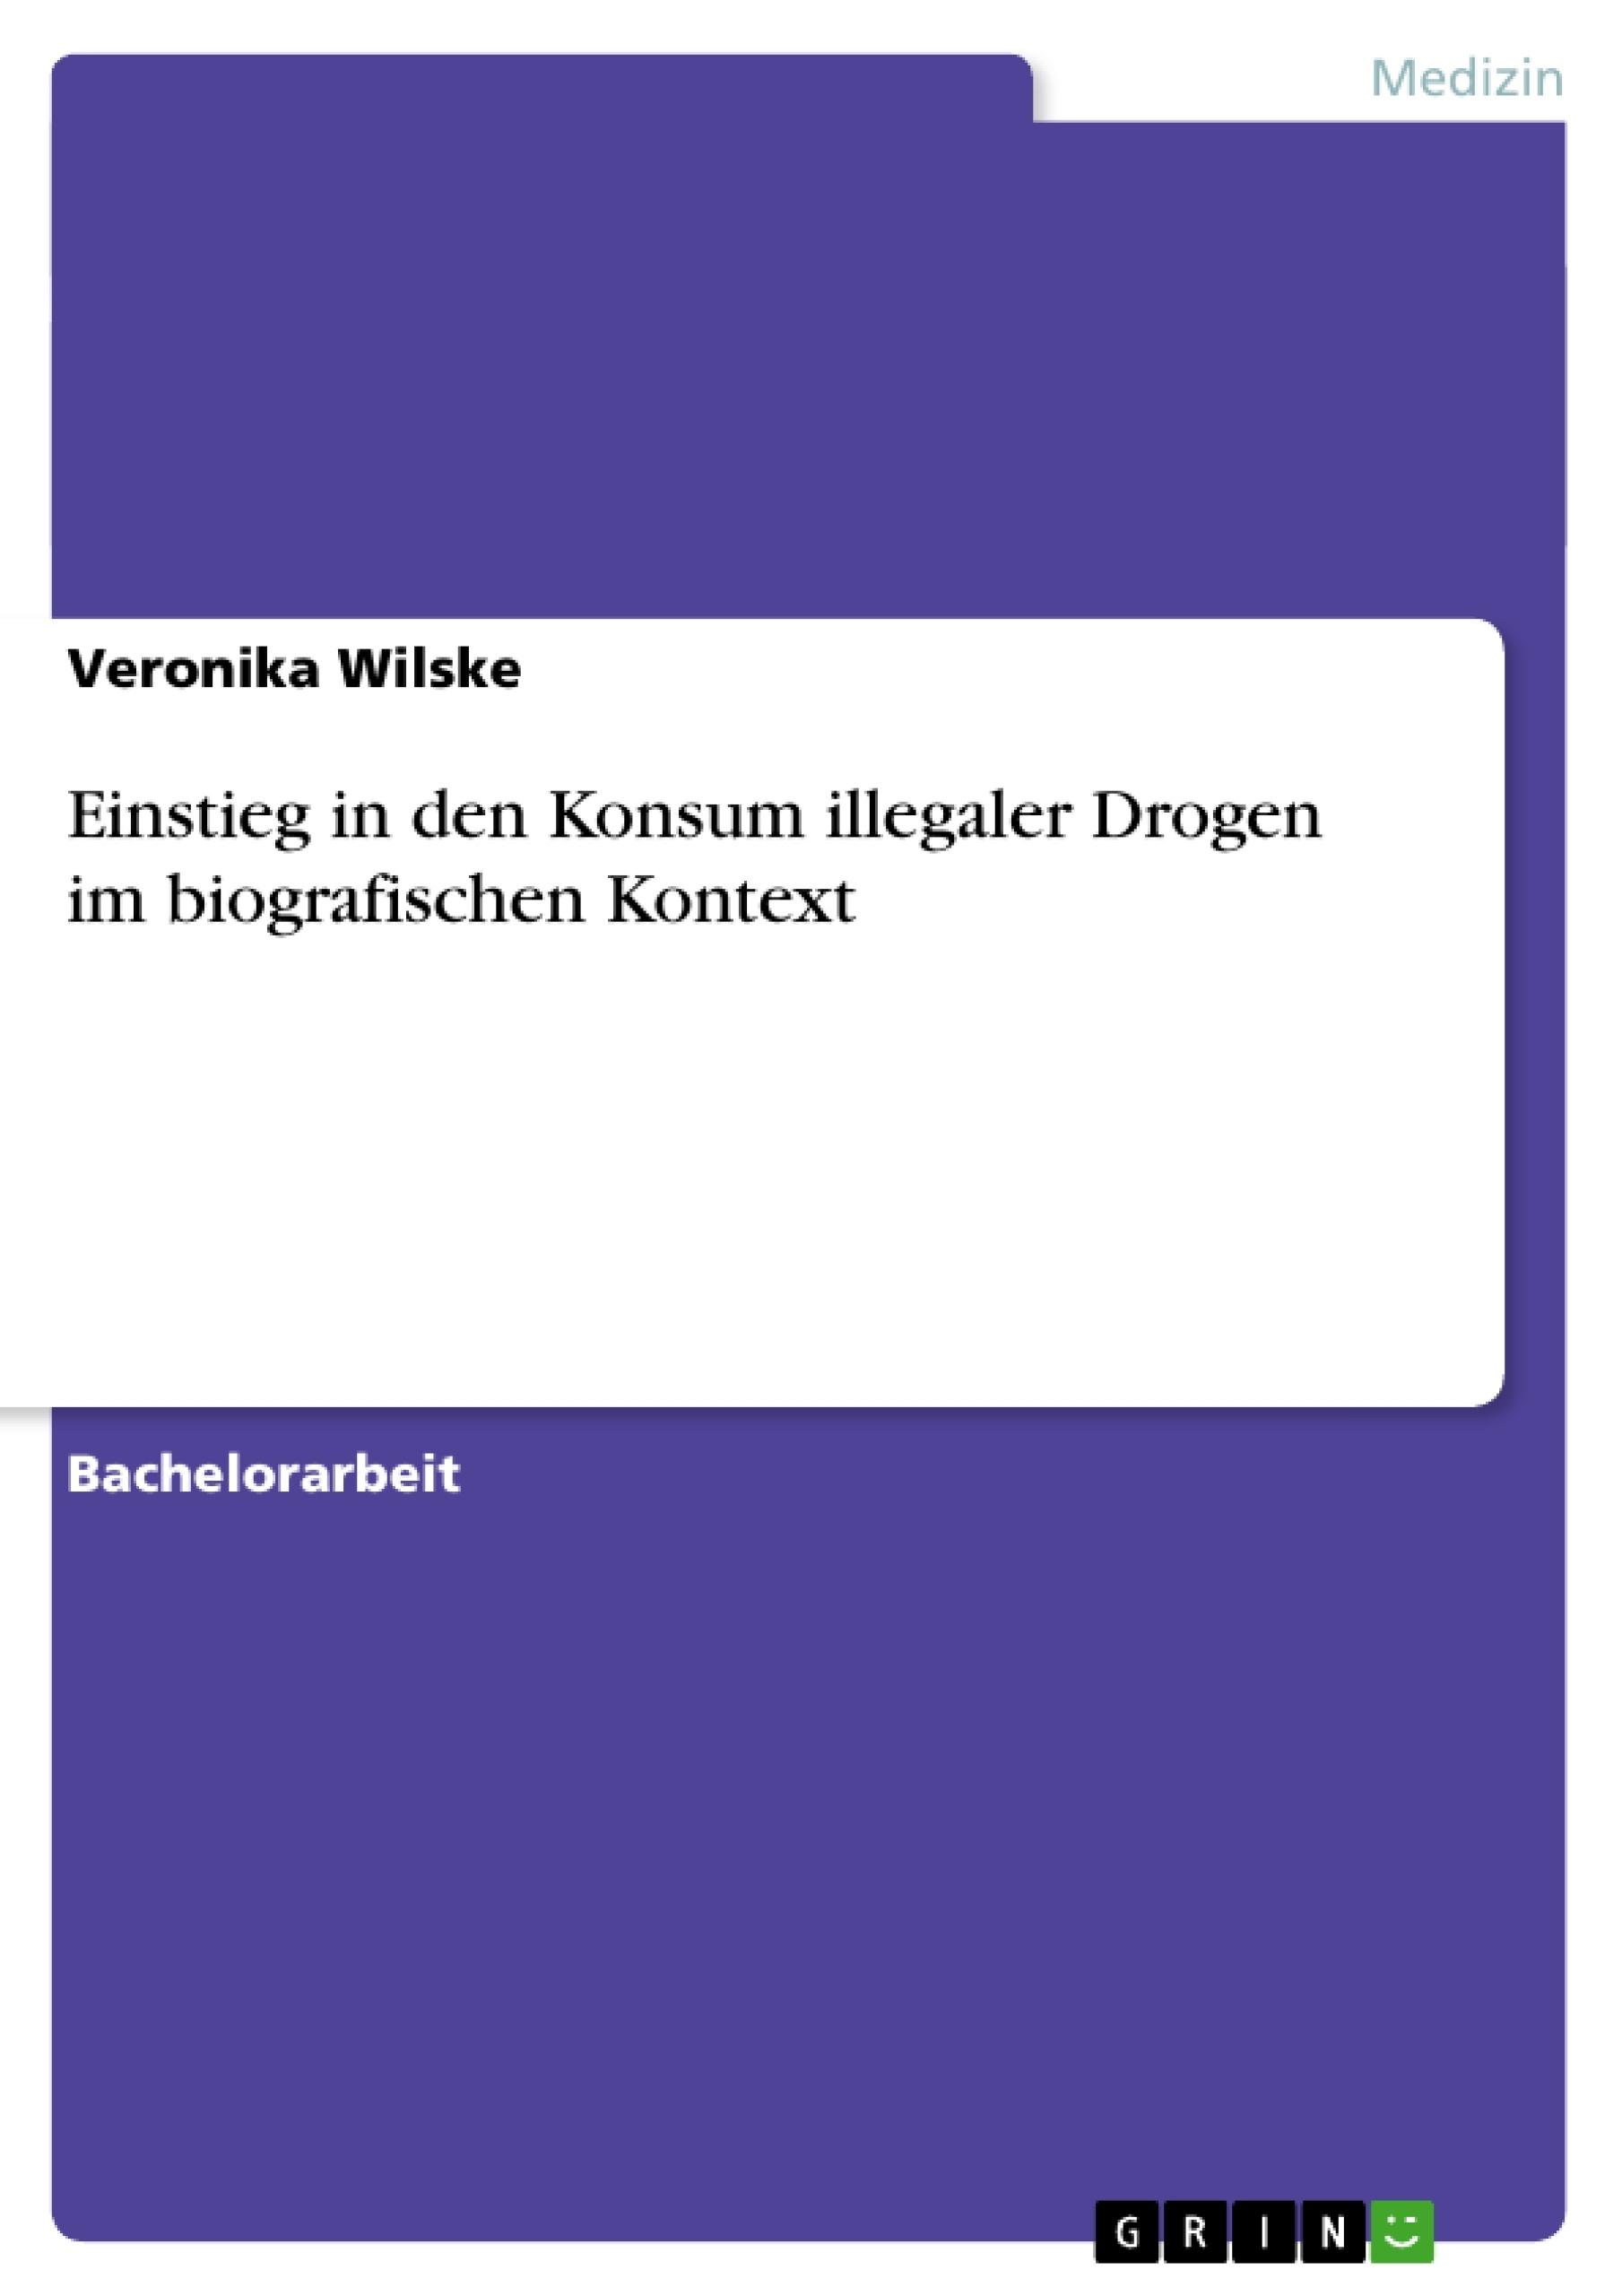 Titel: Einstieg in den Konsum illegaler Drogen im biografischen Kontext